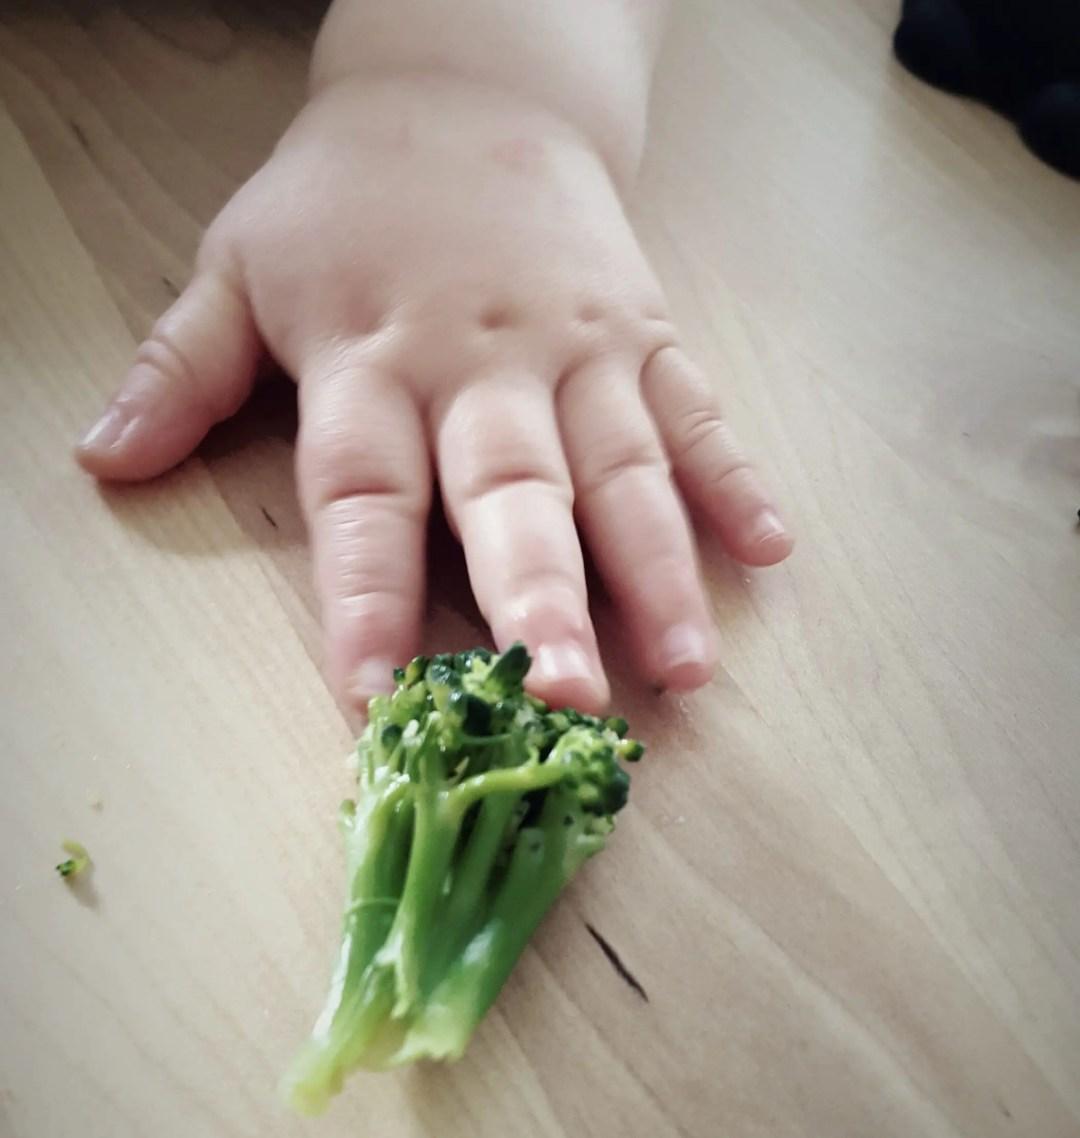 Broccoli und Hand